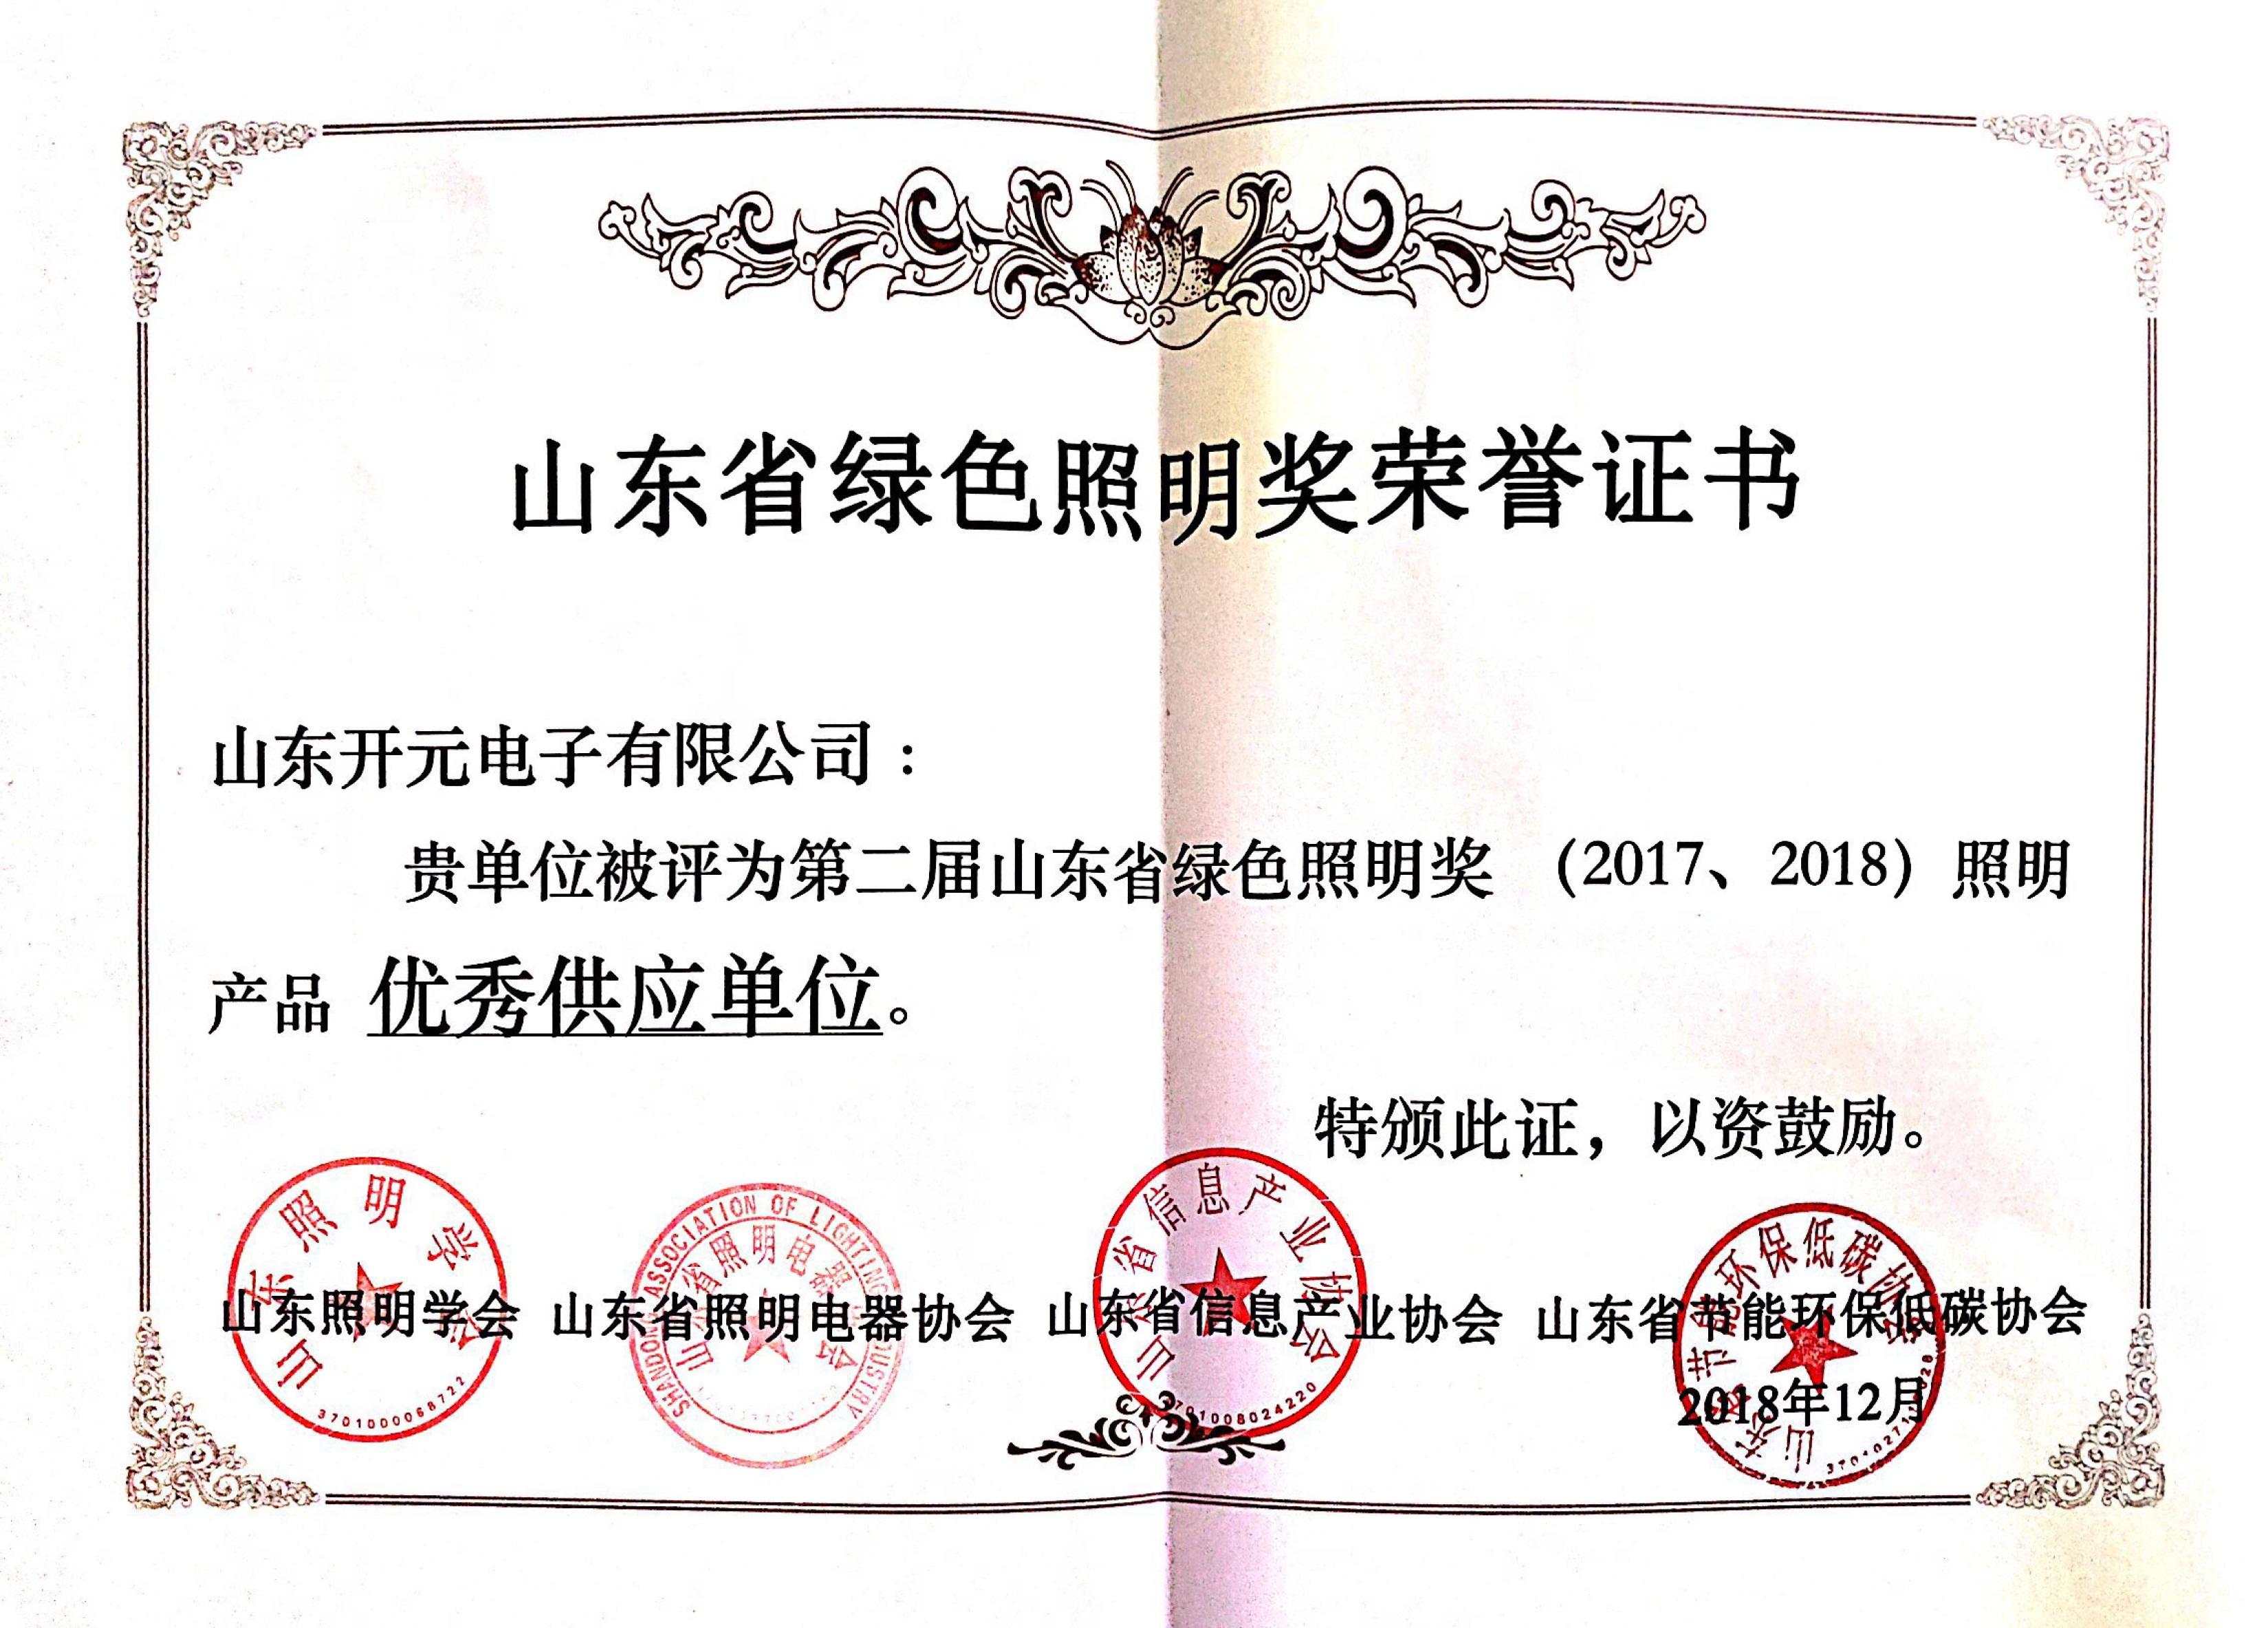 山東省綠色照明獎榮譽證書